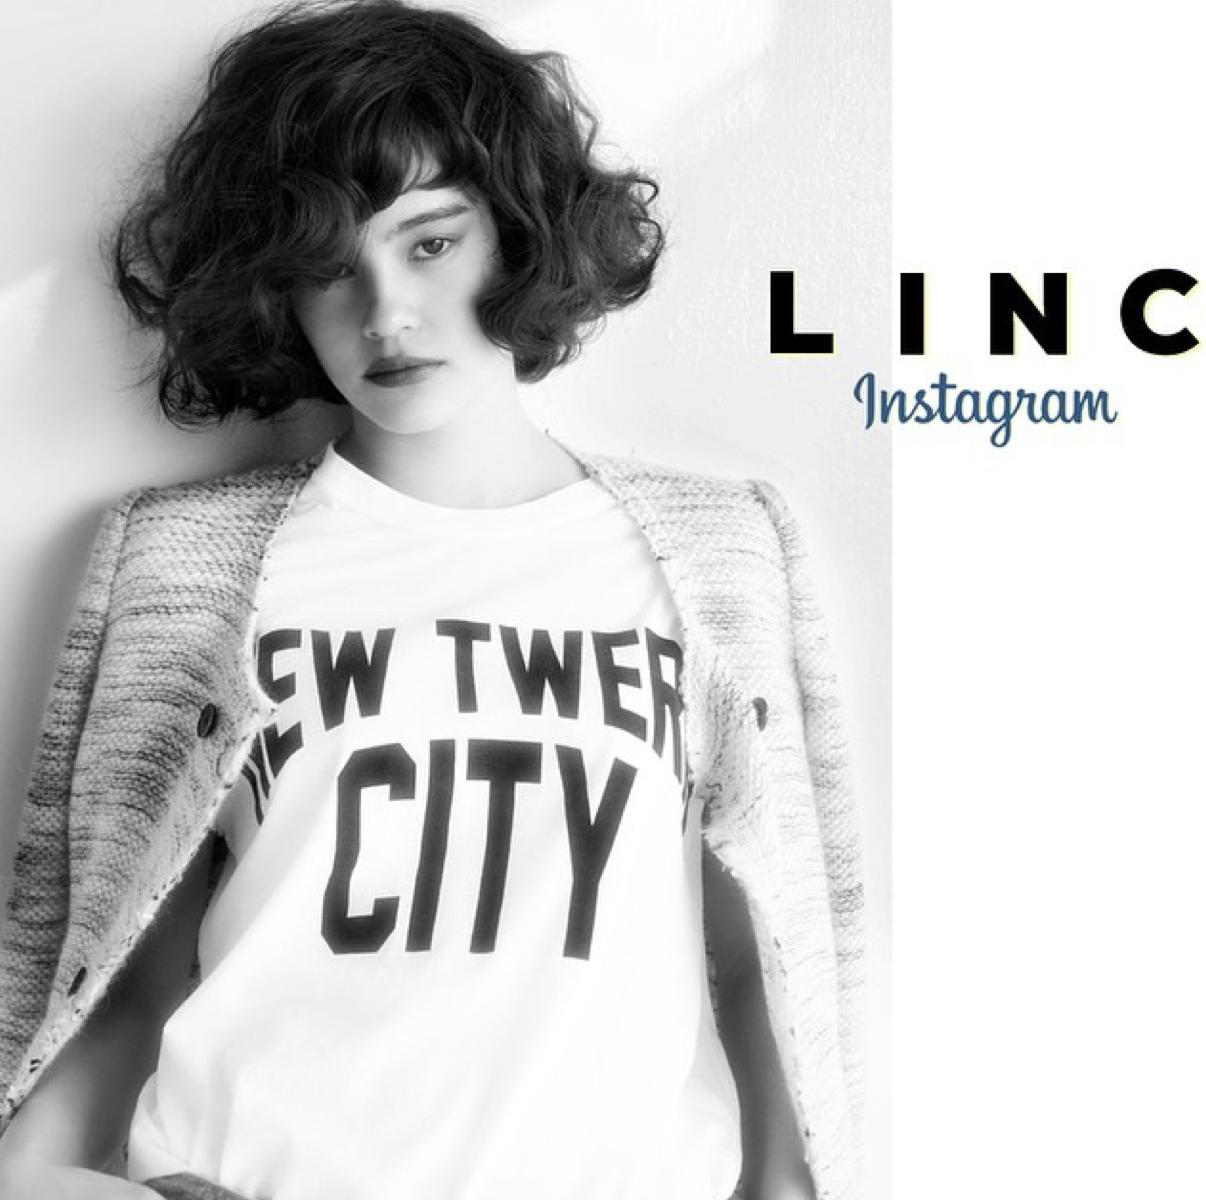 画像1: 『LINC MAGAZINE』(Web版)出演モデルを募集します!